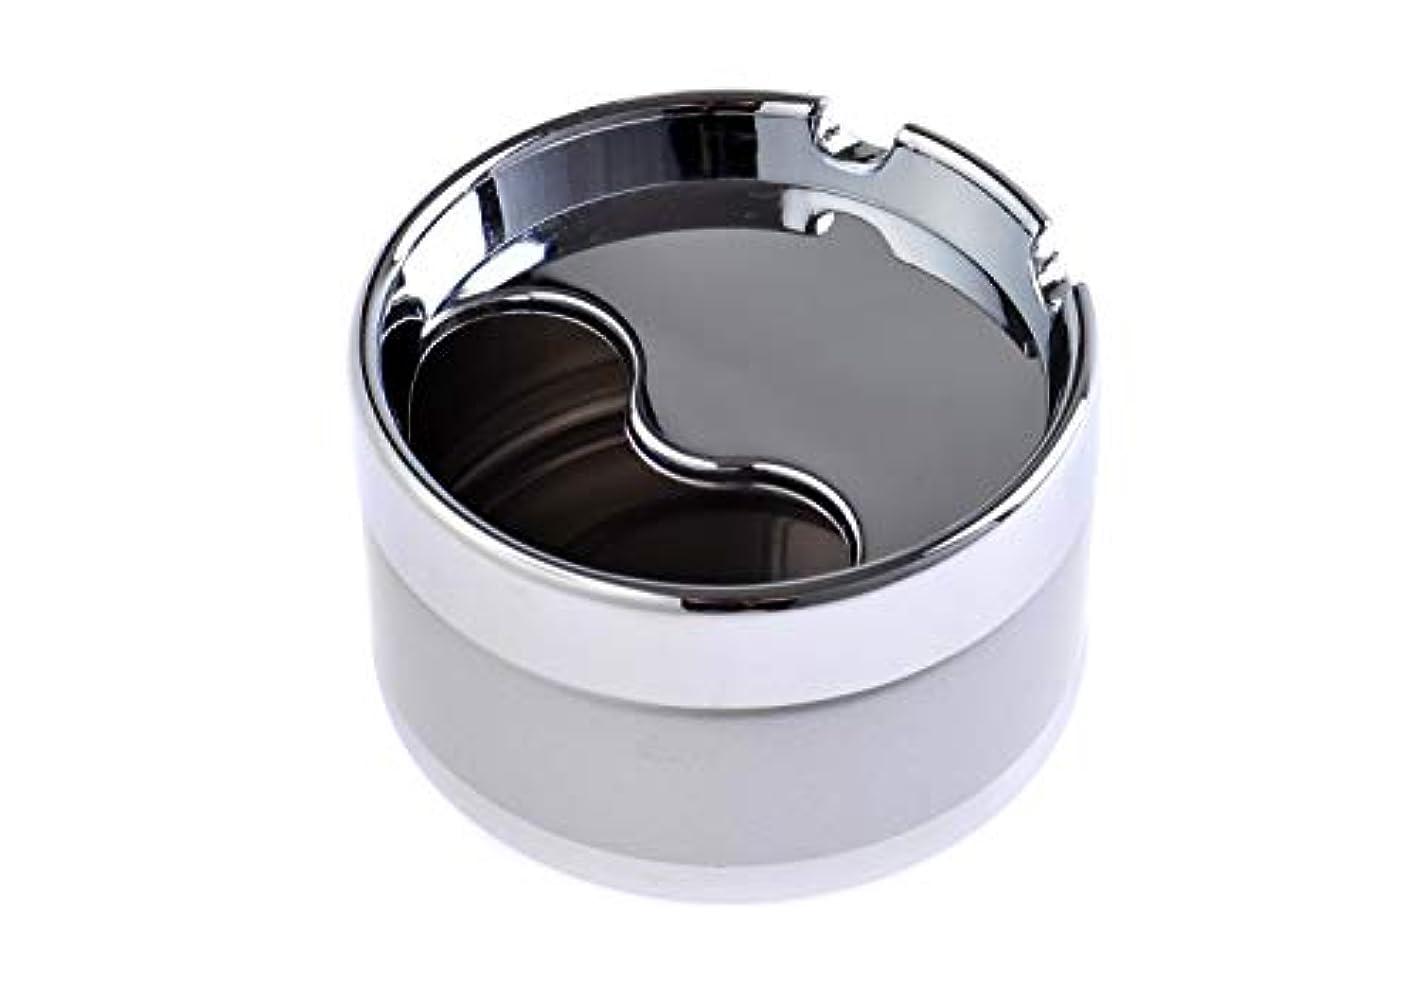 別に経験者フォークエレガントラウンド亜鉛合金対象灰皿、ブラック、直径8cm、スリヴァー